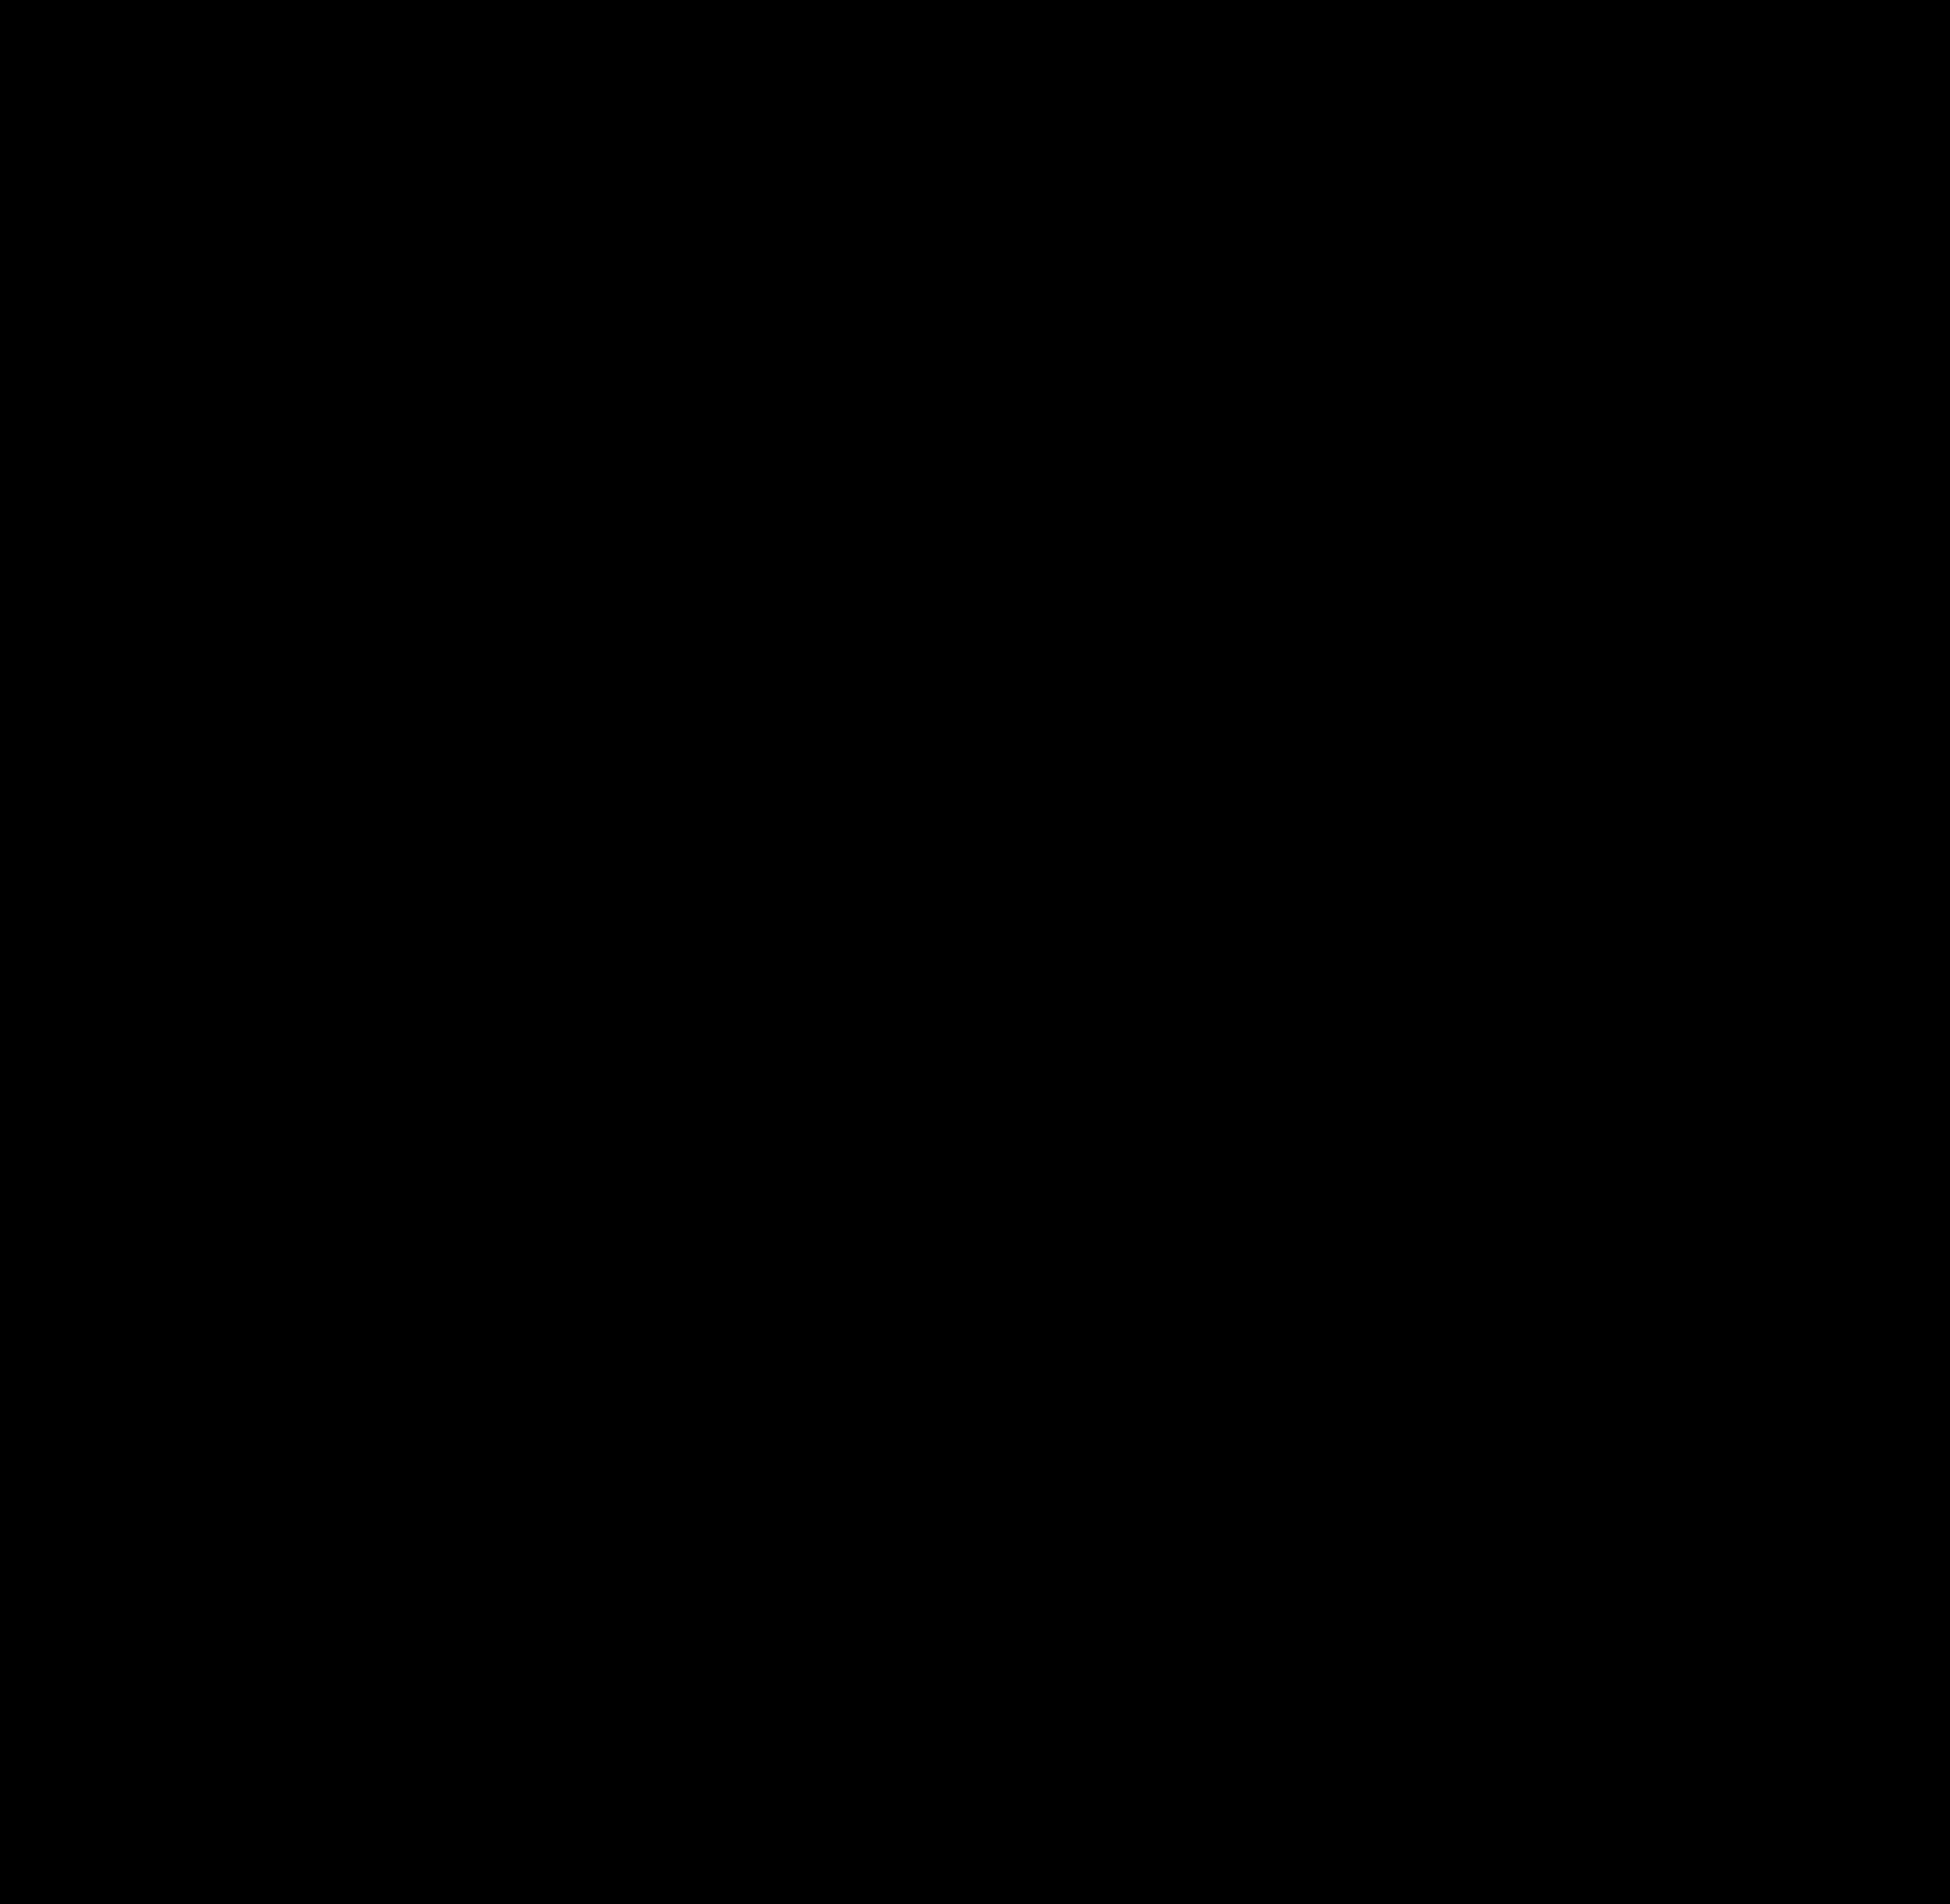 simbolo-de-reciclagem-1